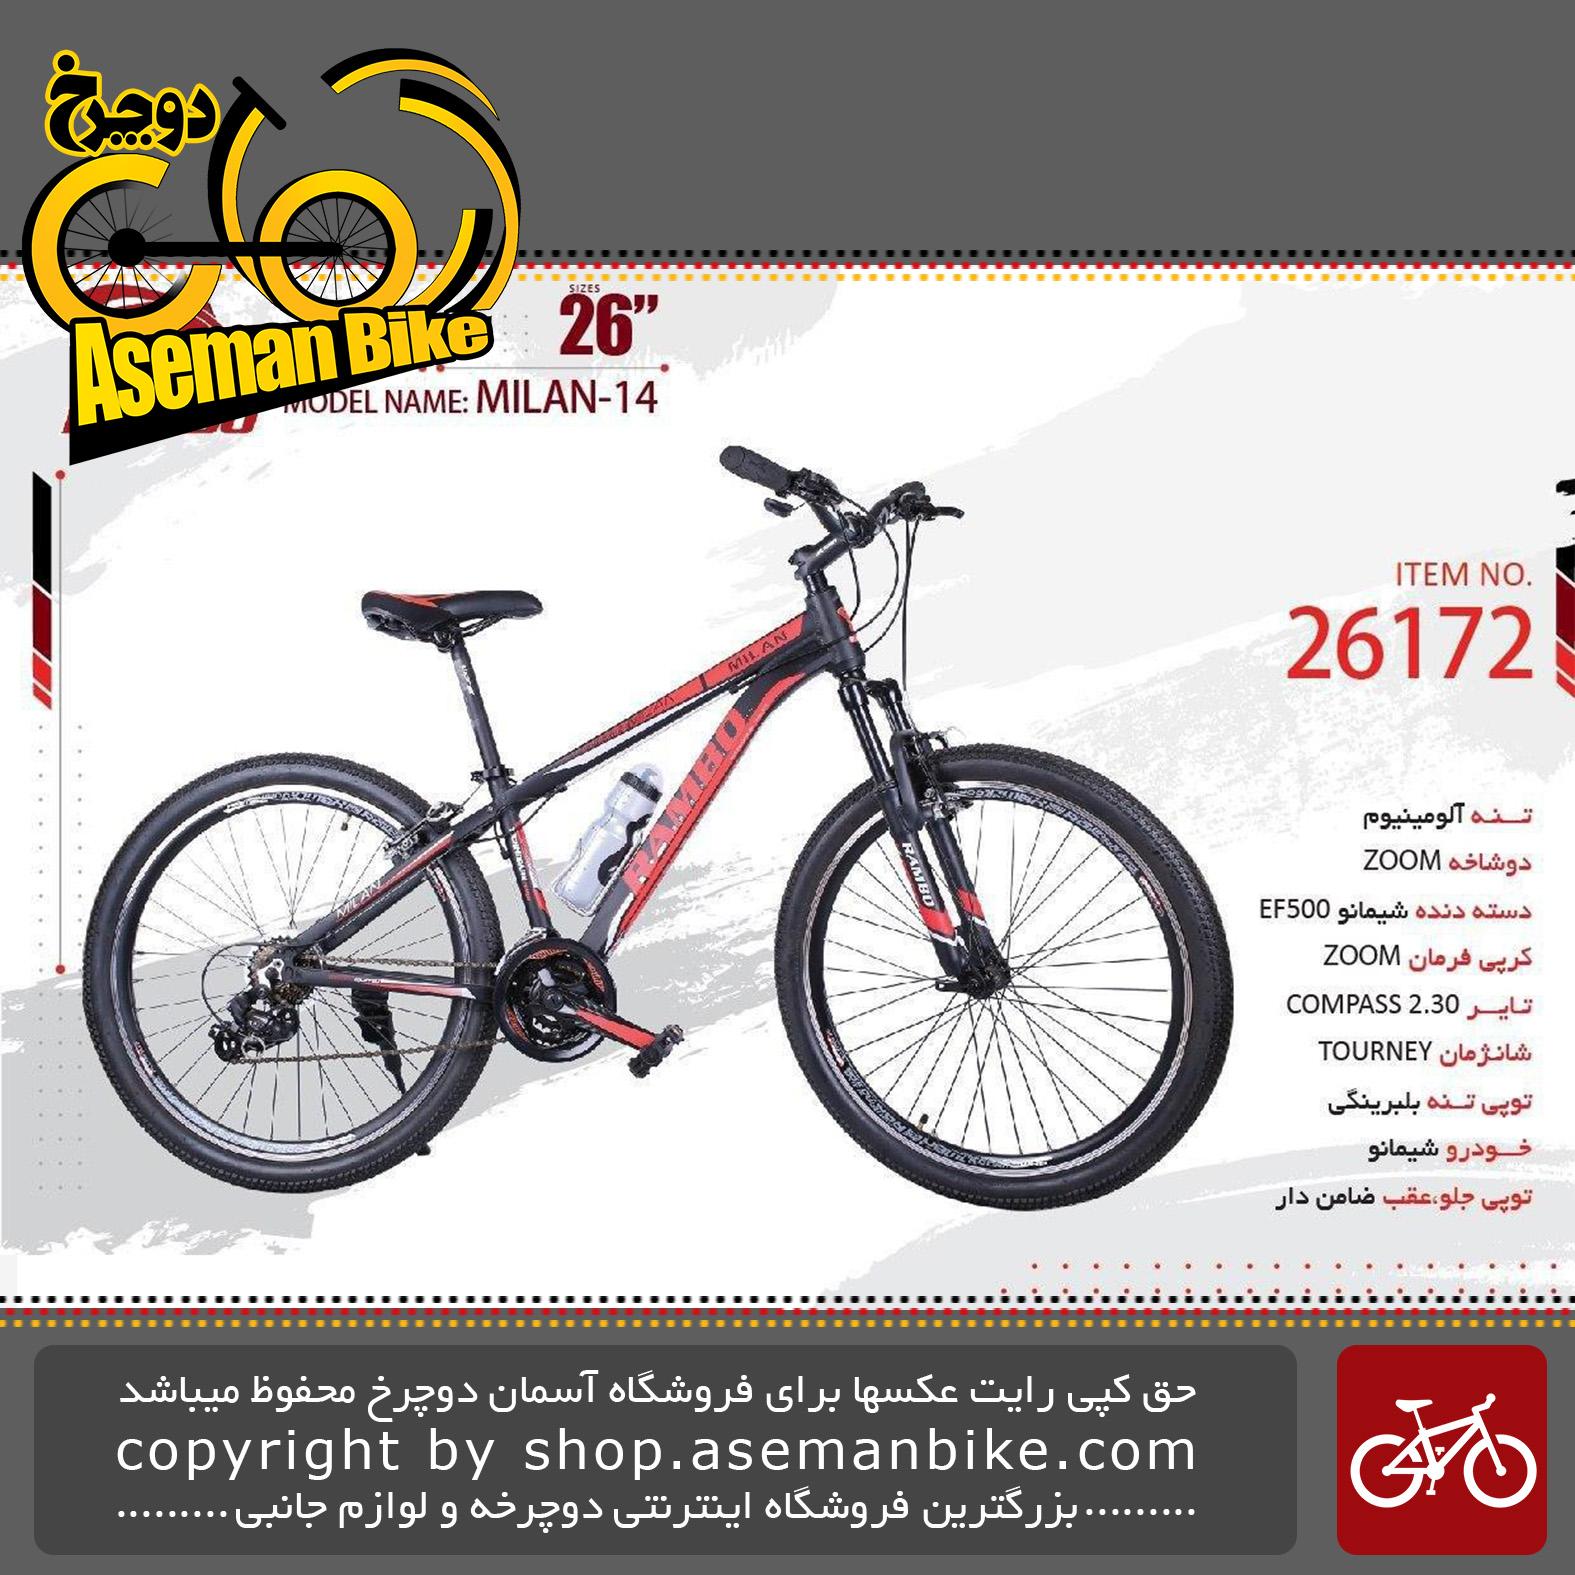 دوچرخه کوهستان رامبو سایز 26 مدل میلان 14 14 RAMBO SIZE 26 MILAN